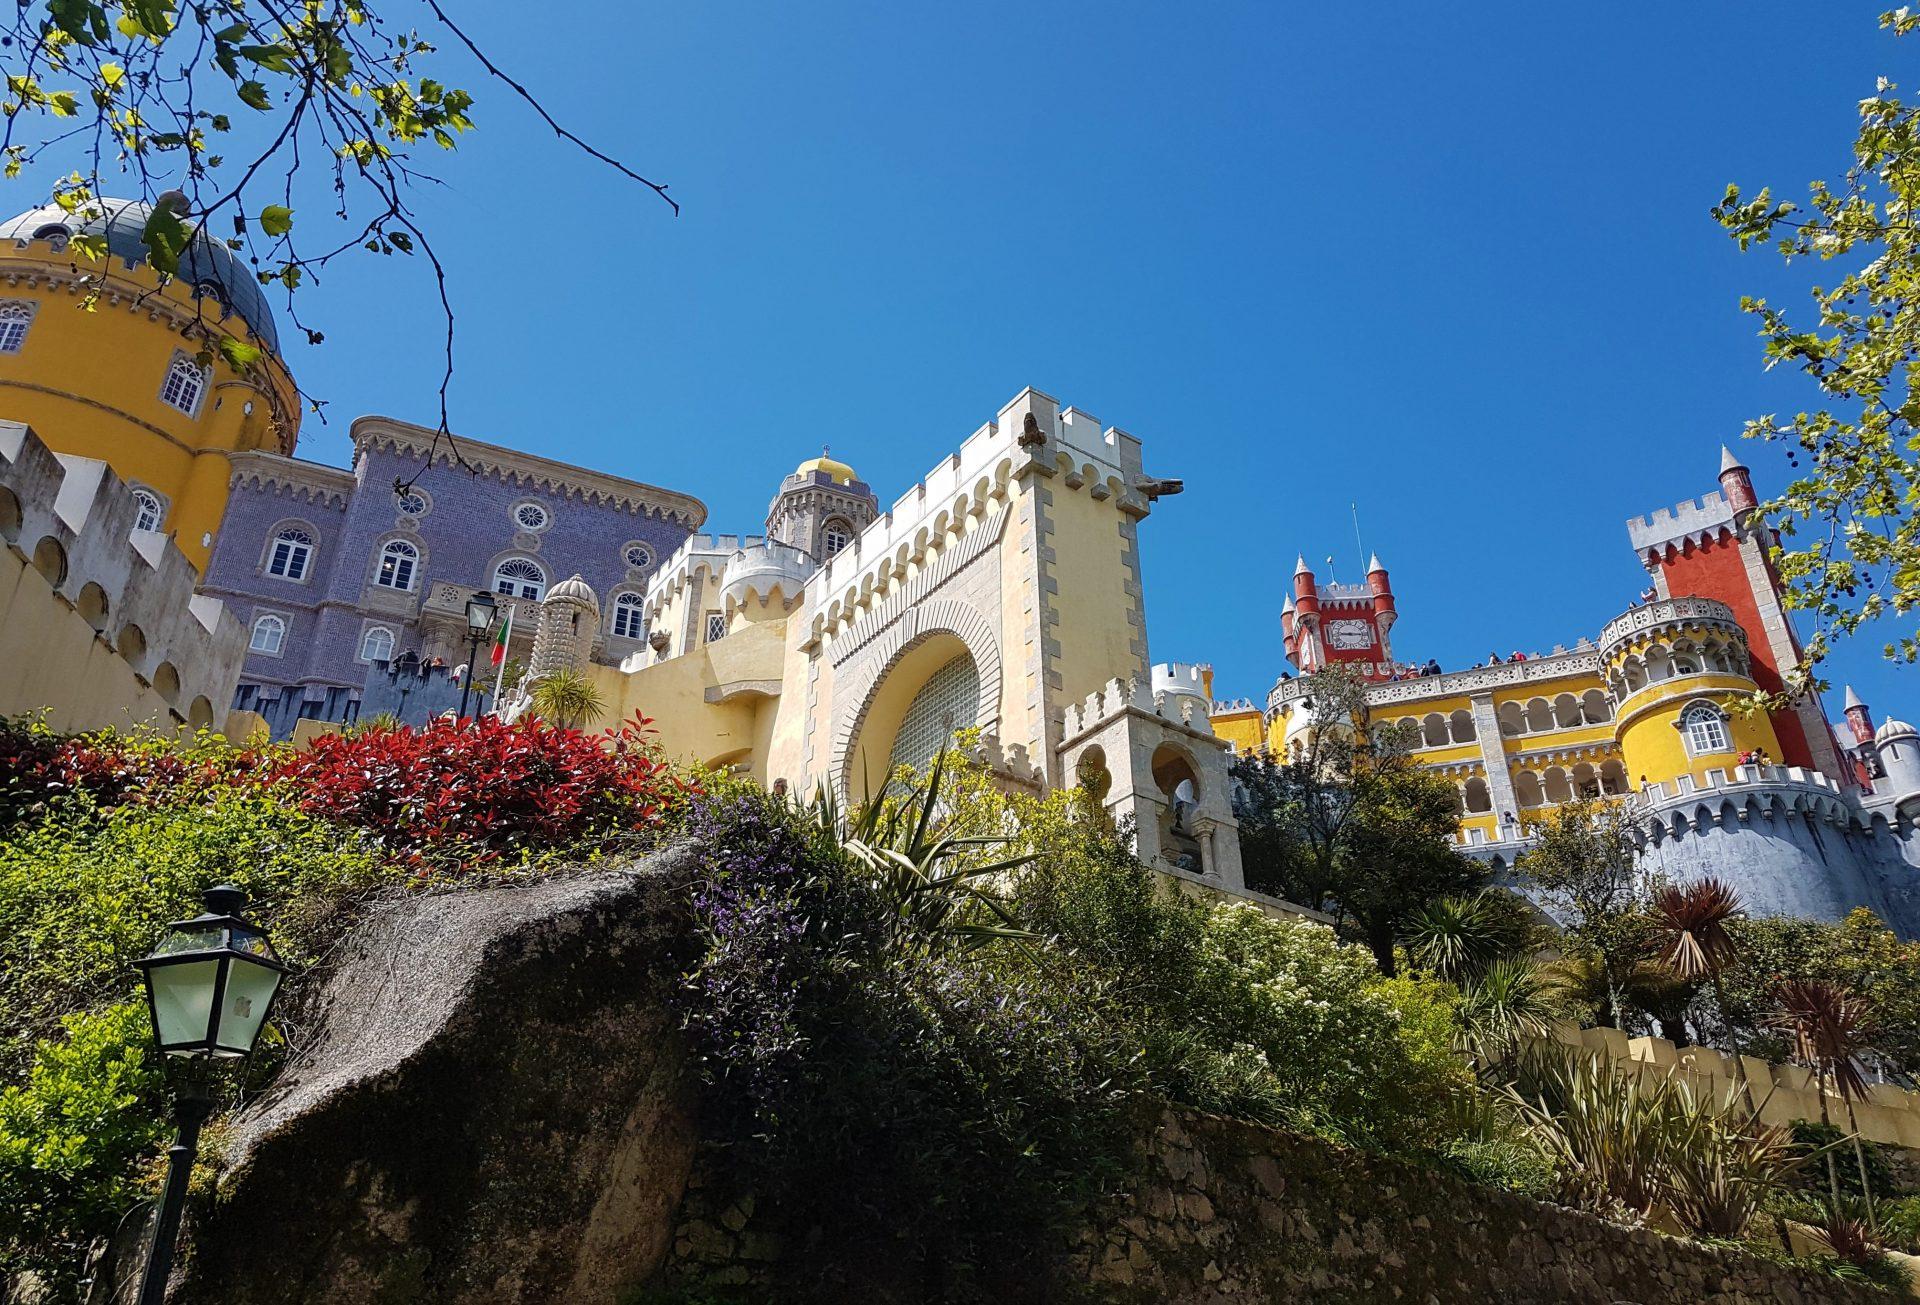 Fachada exterior de colores del Palacio de Pena